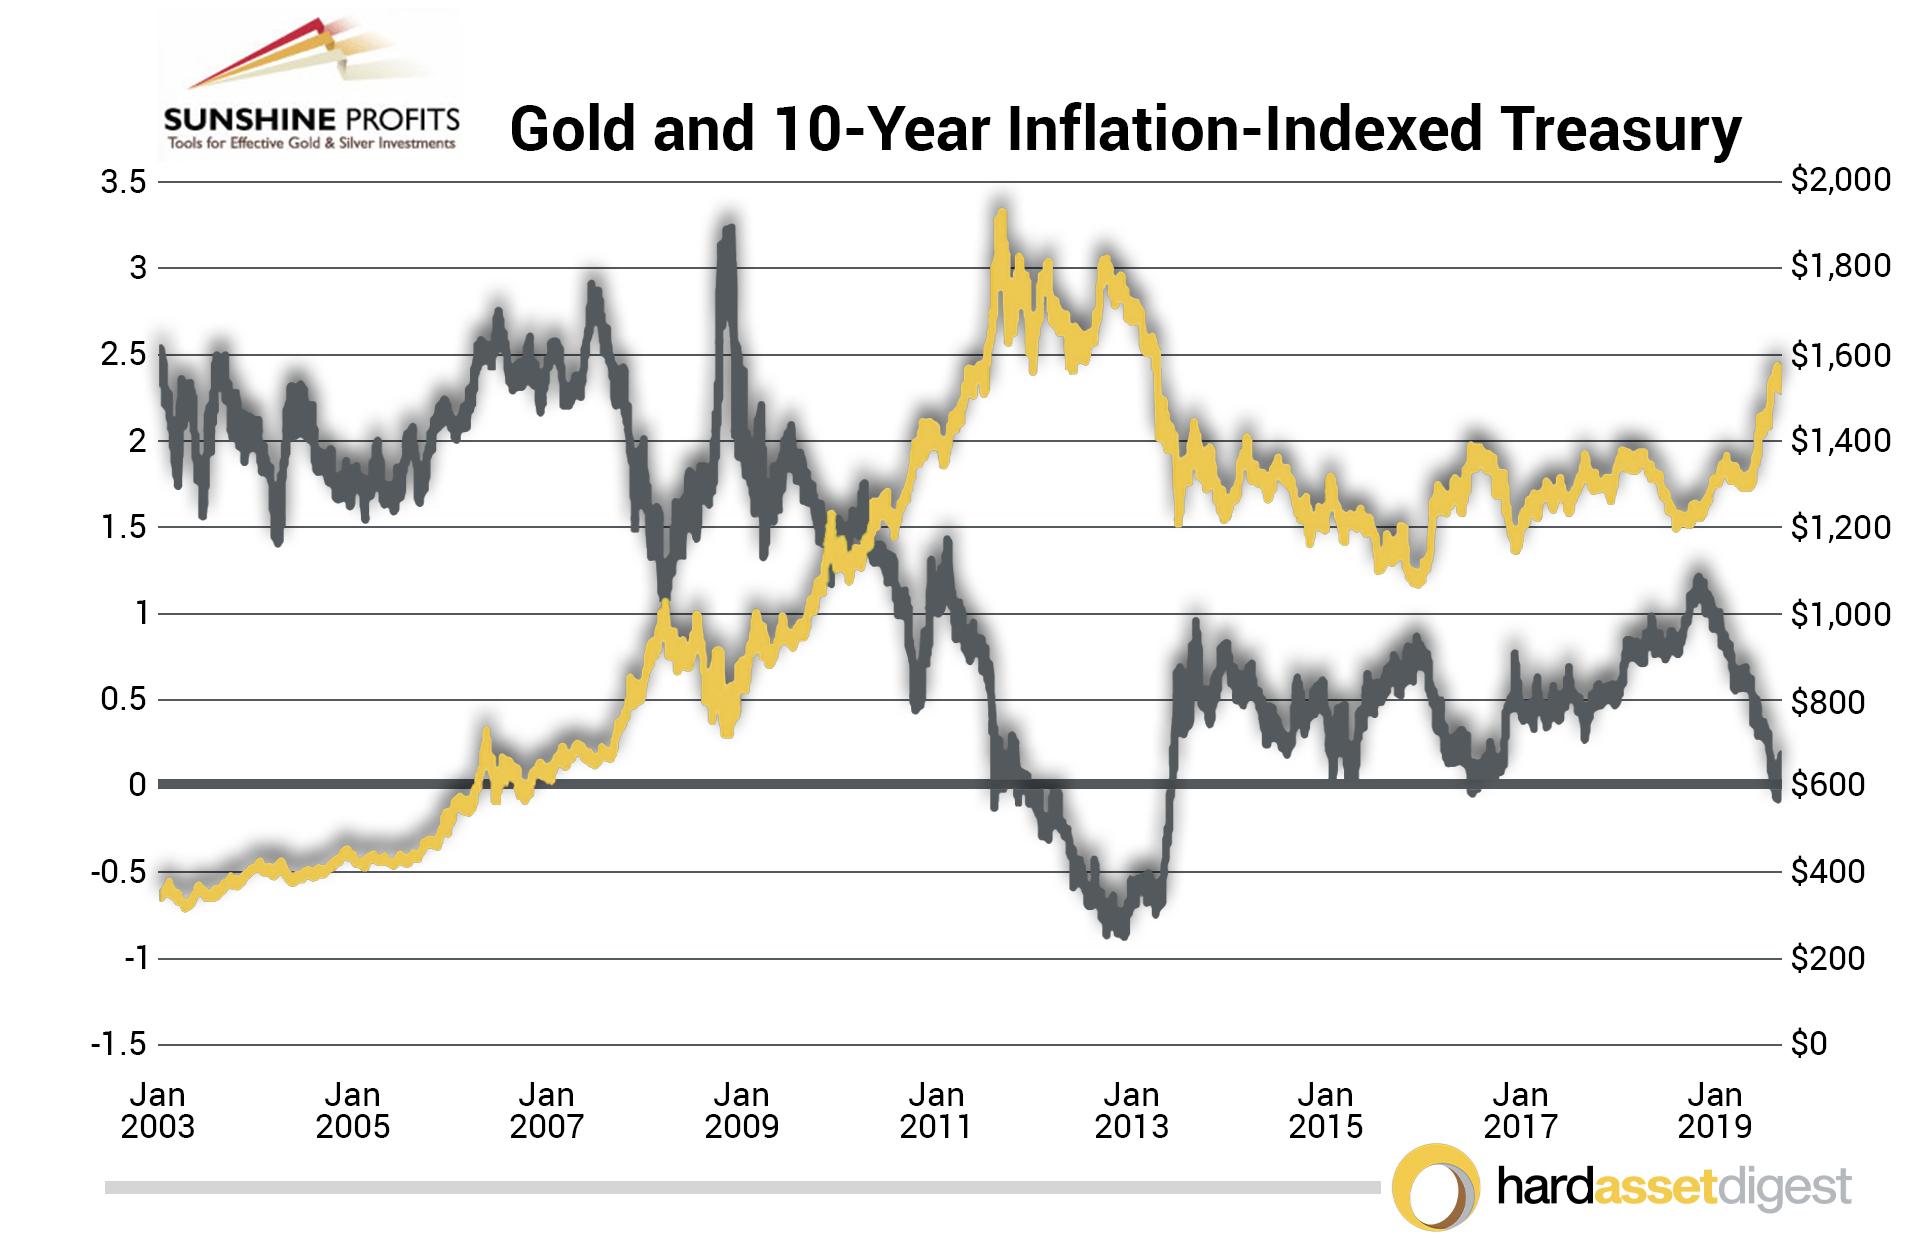 sunshine-profits-gold-10year-inflation